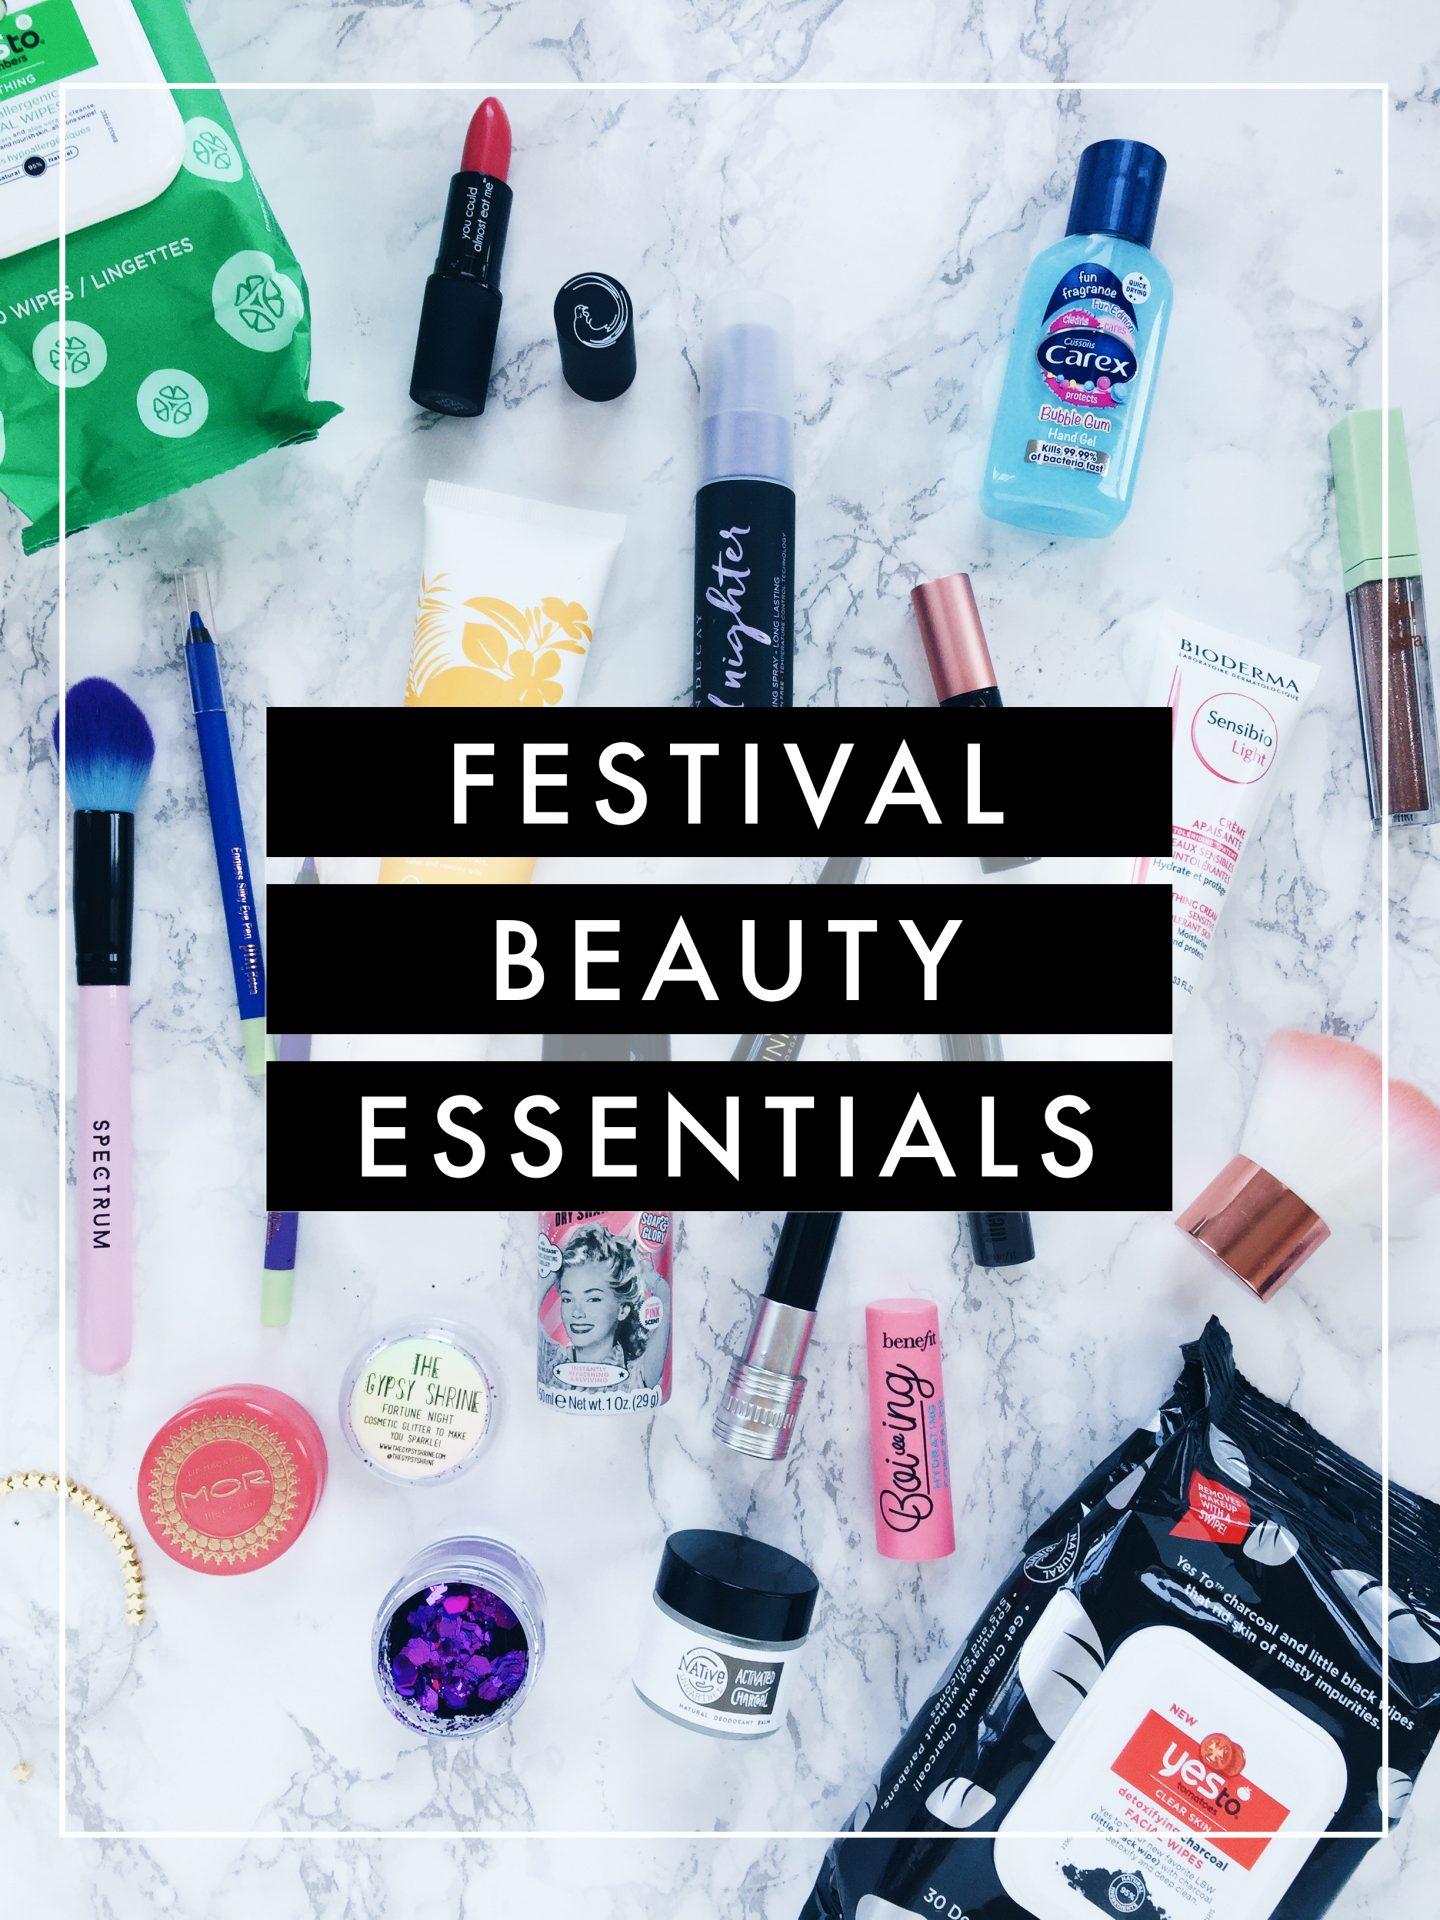 Festival Beauty Essentials Survival Kit